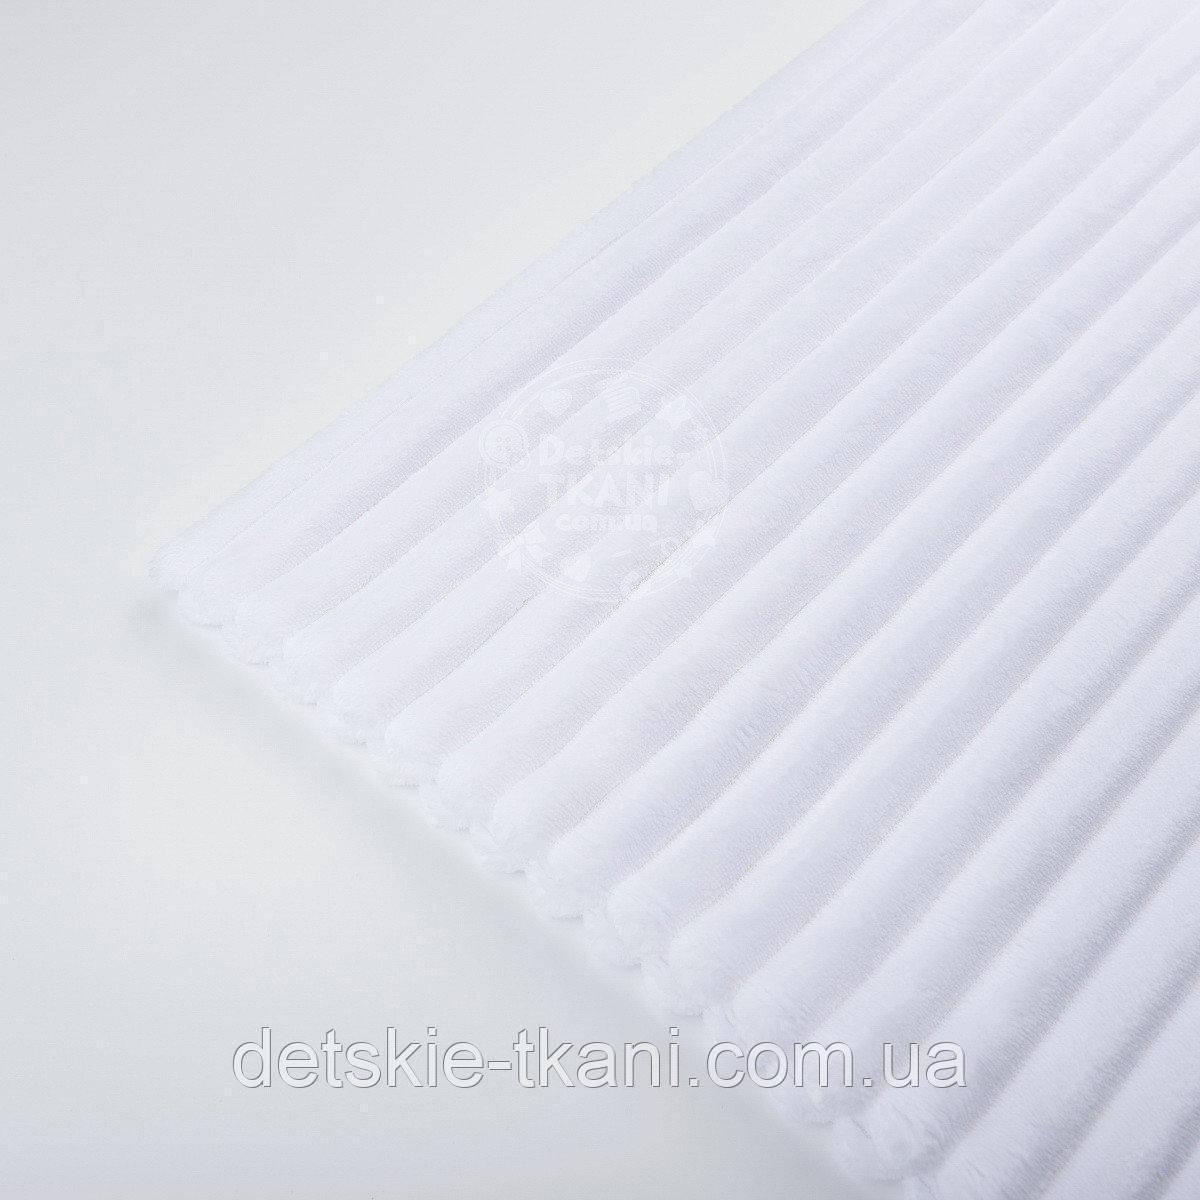 Лоскут  плюша в полоску Stripes, цвет белый, с оттенком айвори, размер 65*80 см